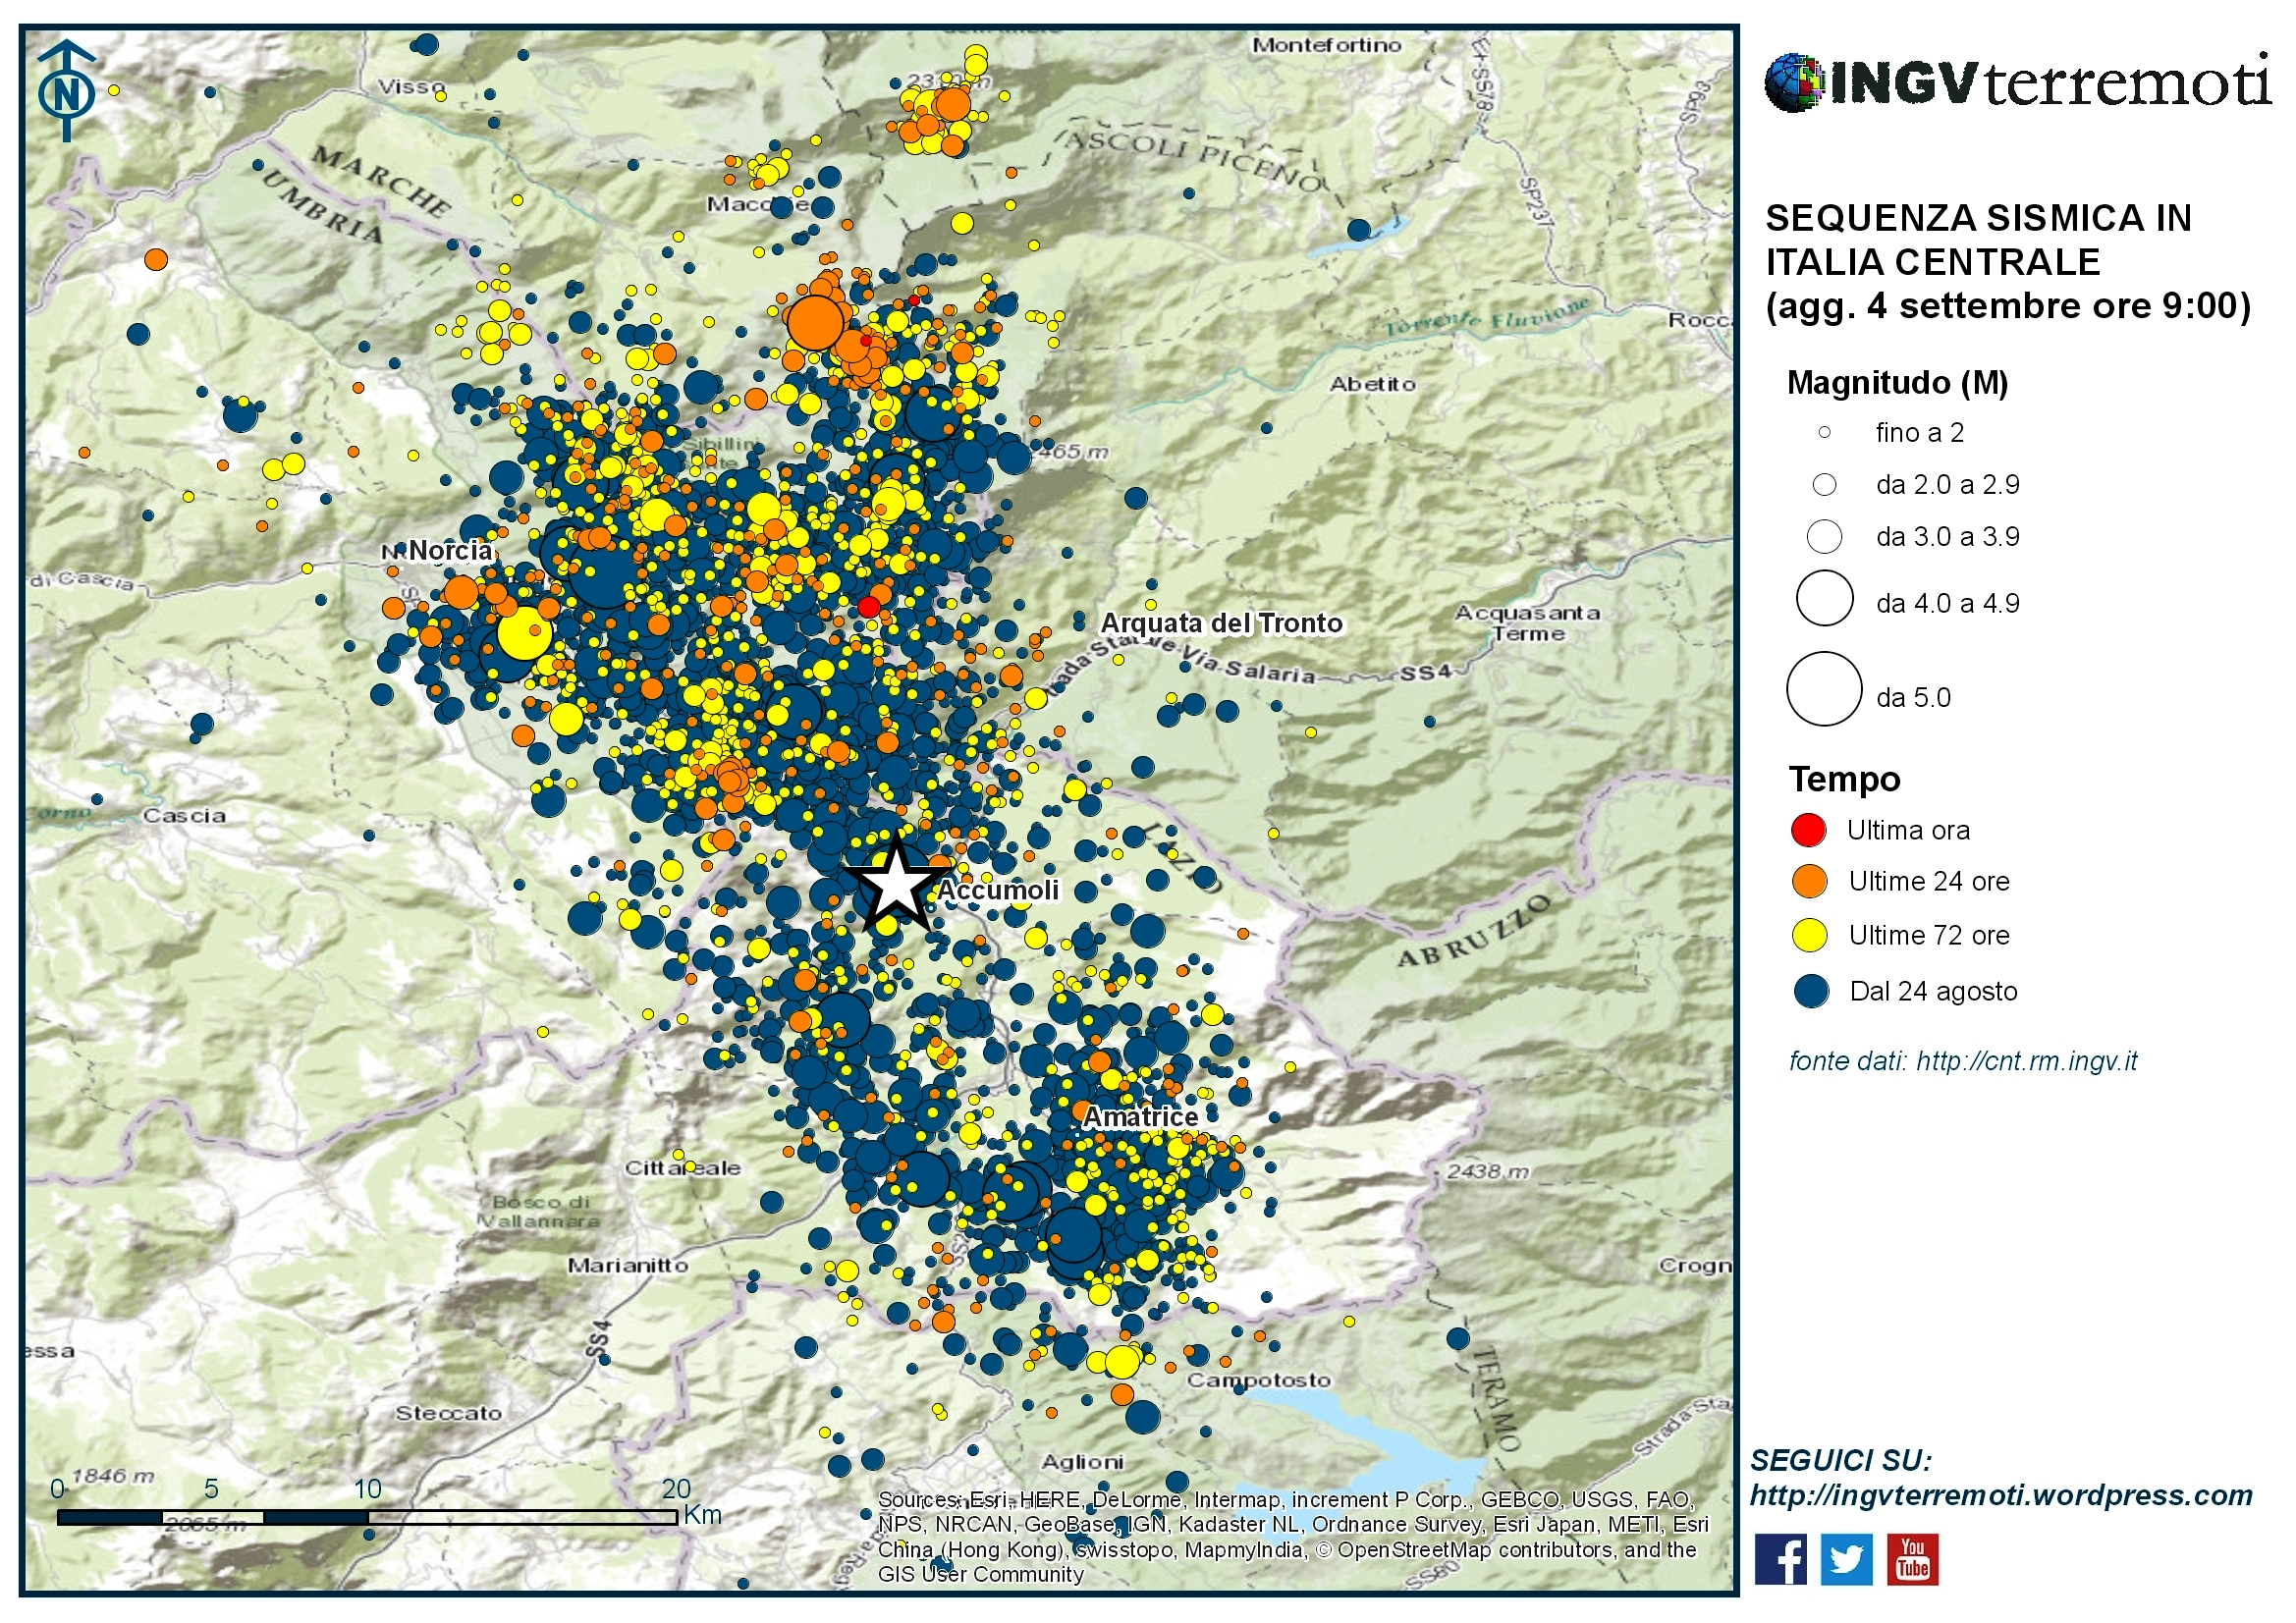 Sequenza sismica in Italia centrale: aggiornamento 4 settembre, ore 9:00